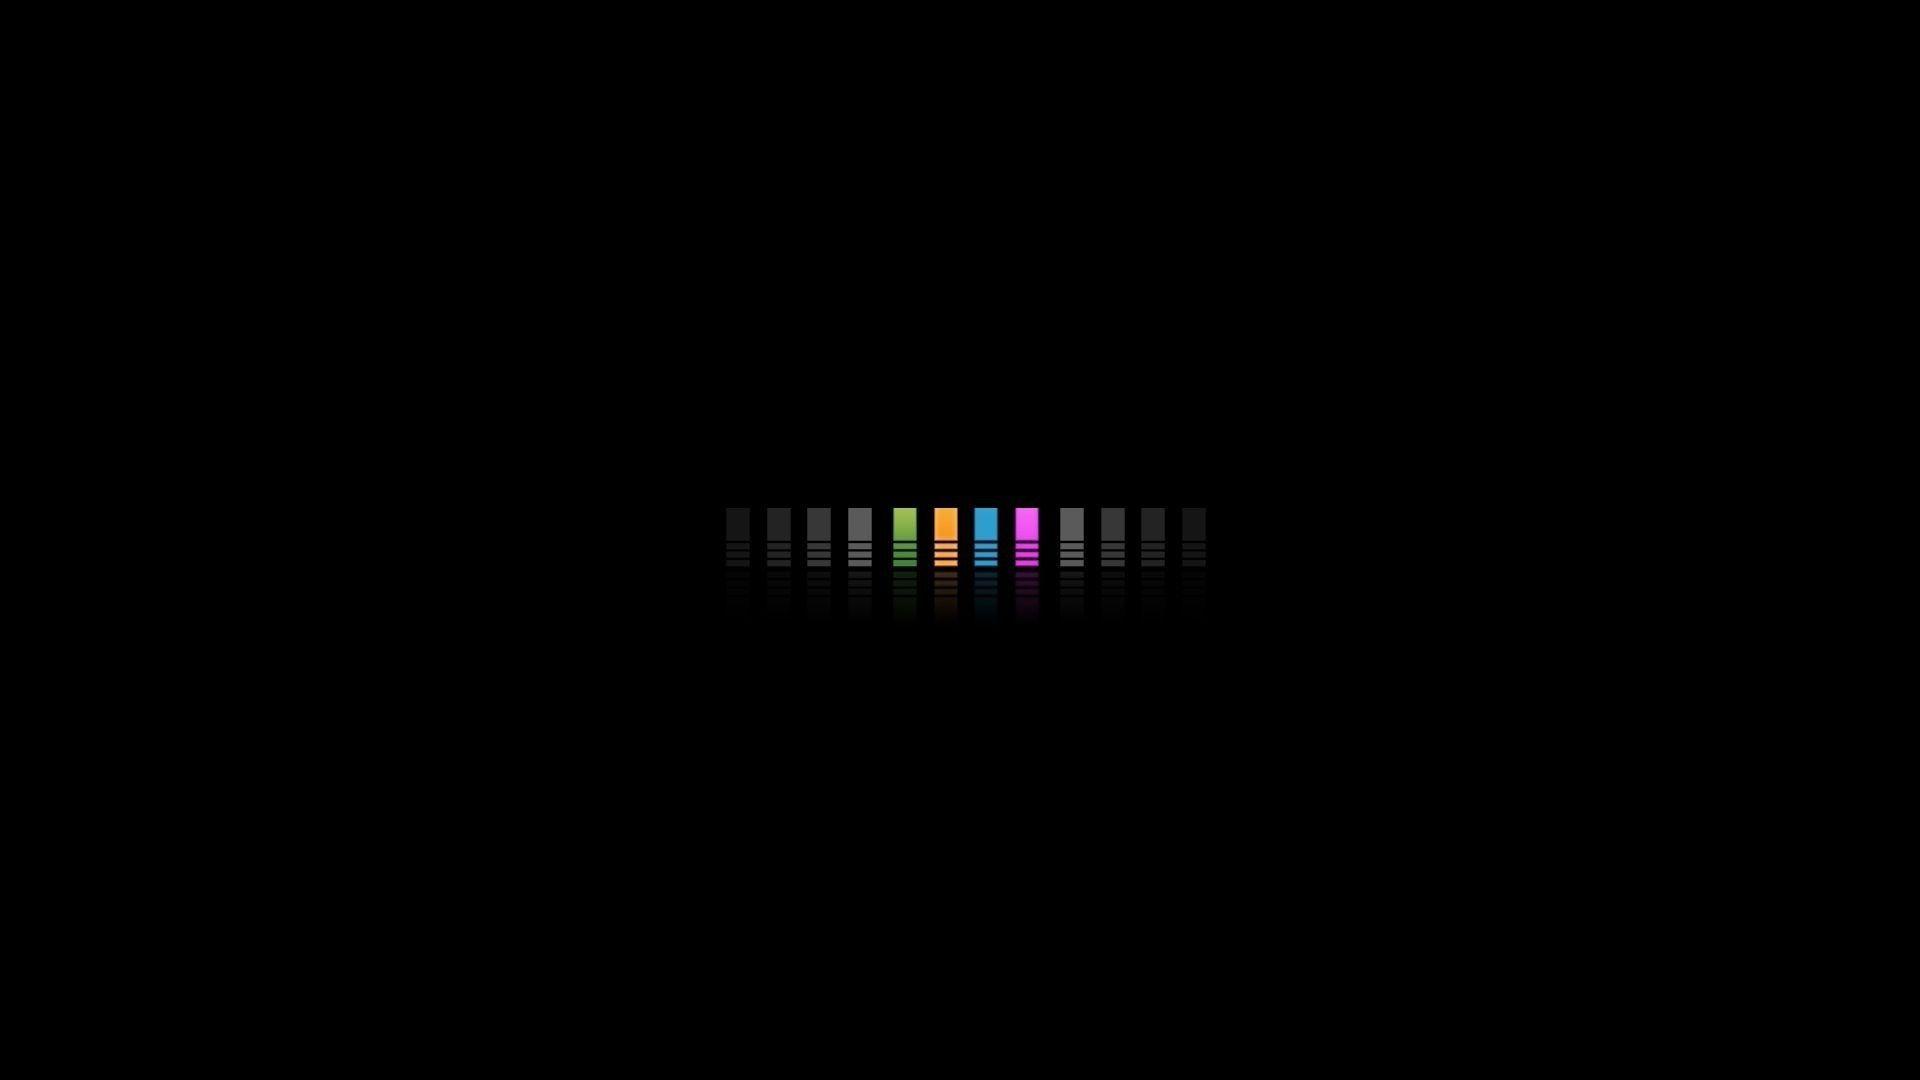 Res 1920x1080 Black Wallpaper Hd Desktop A Download A Free Black Wallpaper Black Hd Wallpaper Background Hd Wallpaper